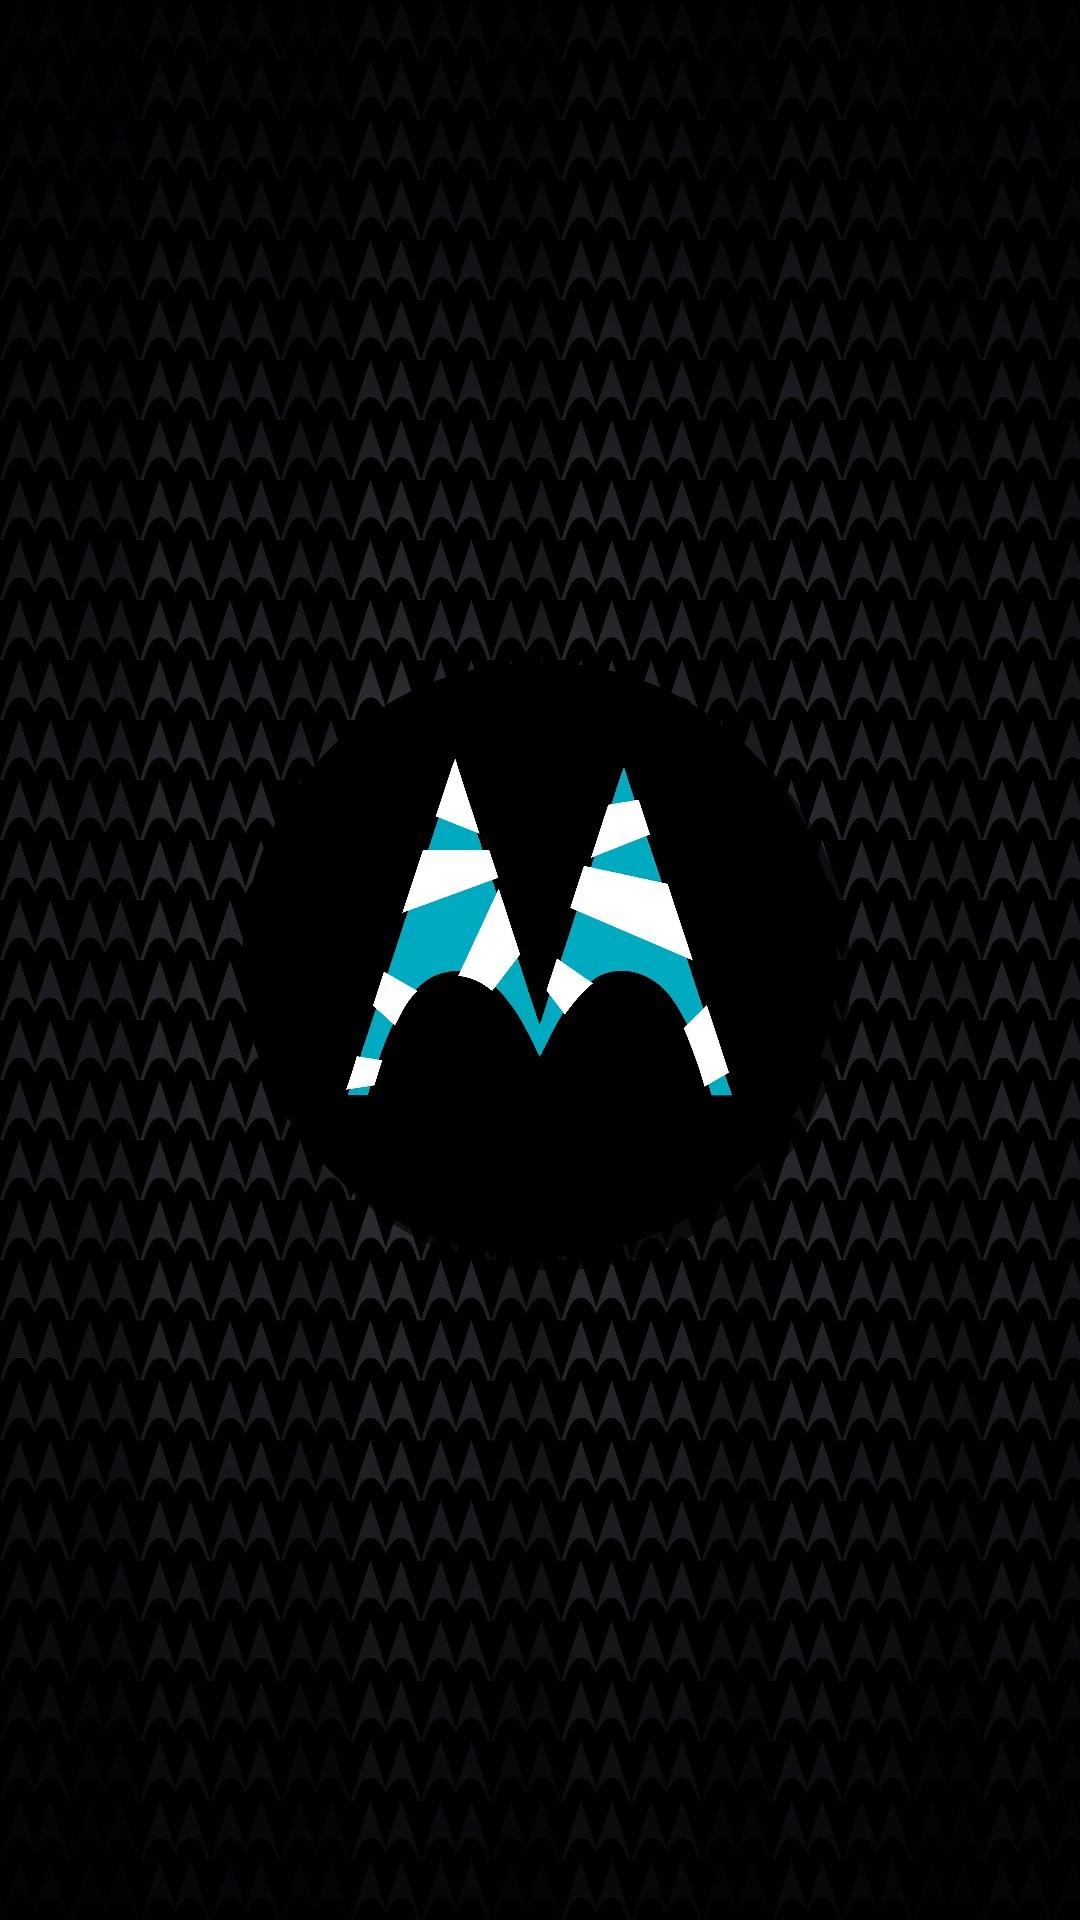 Motorola Wallpapers 65 Pictures